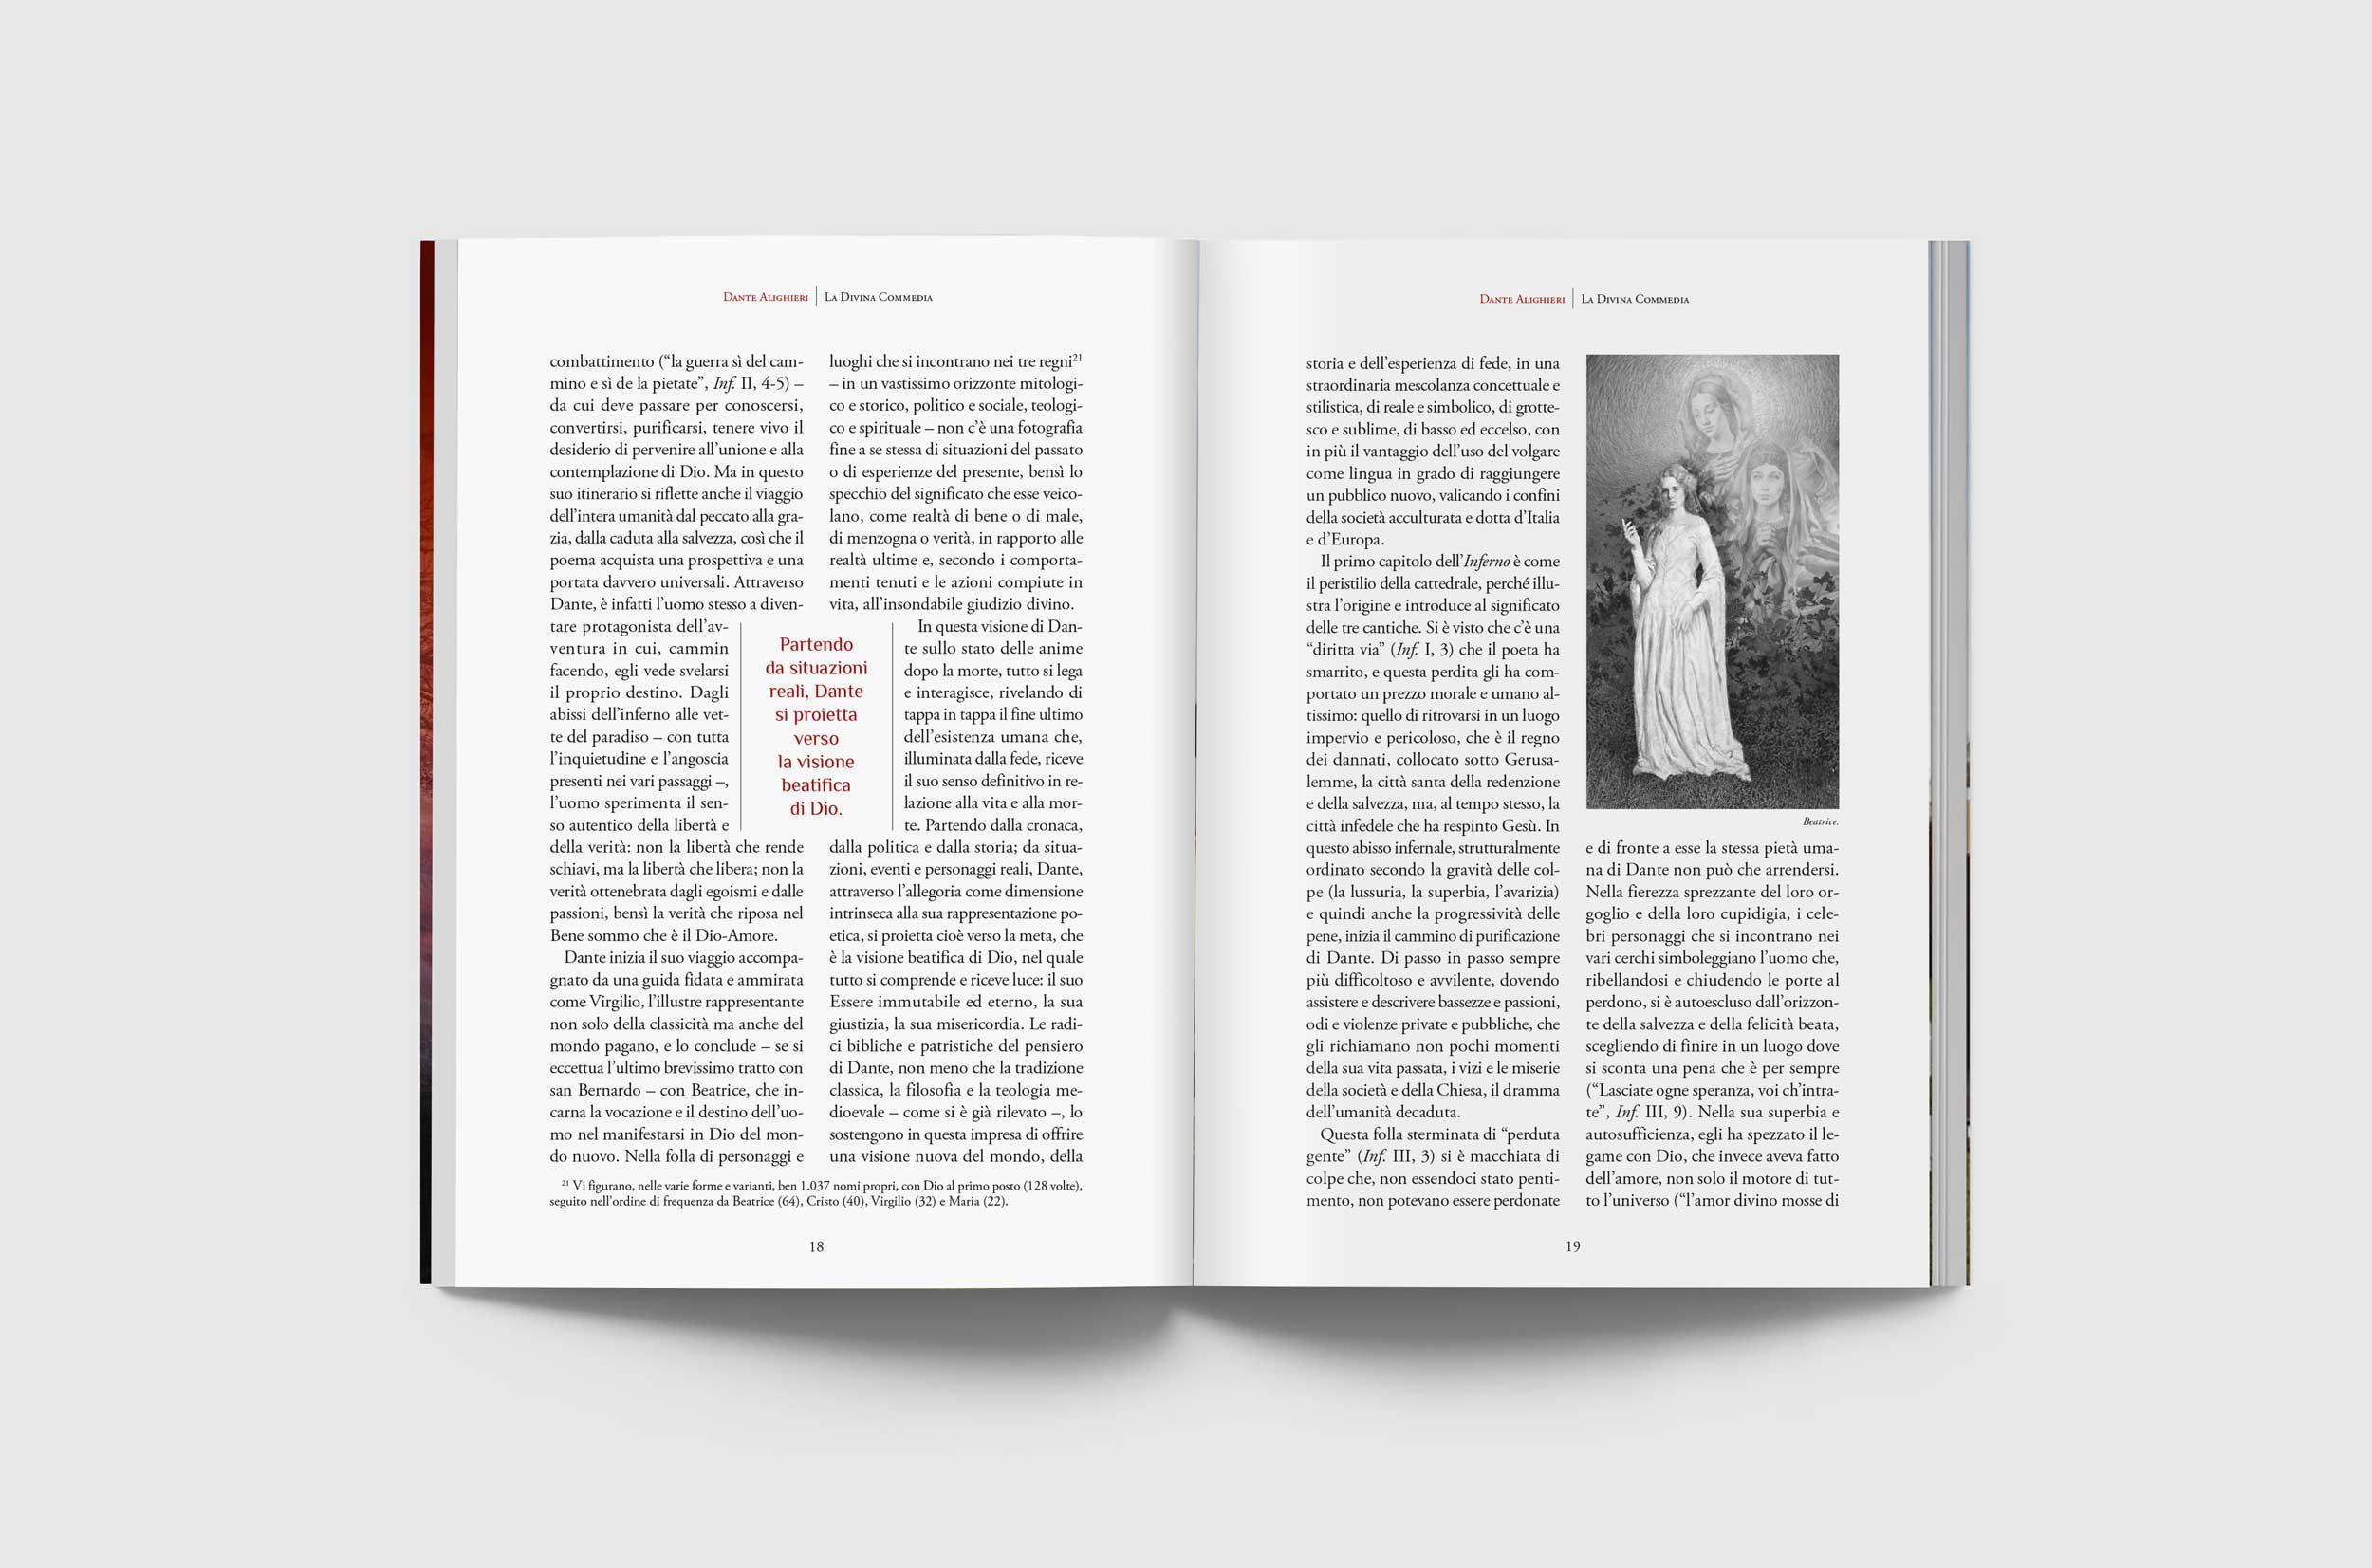 Edizioni San Paolo - La Divina Commedia